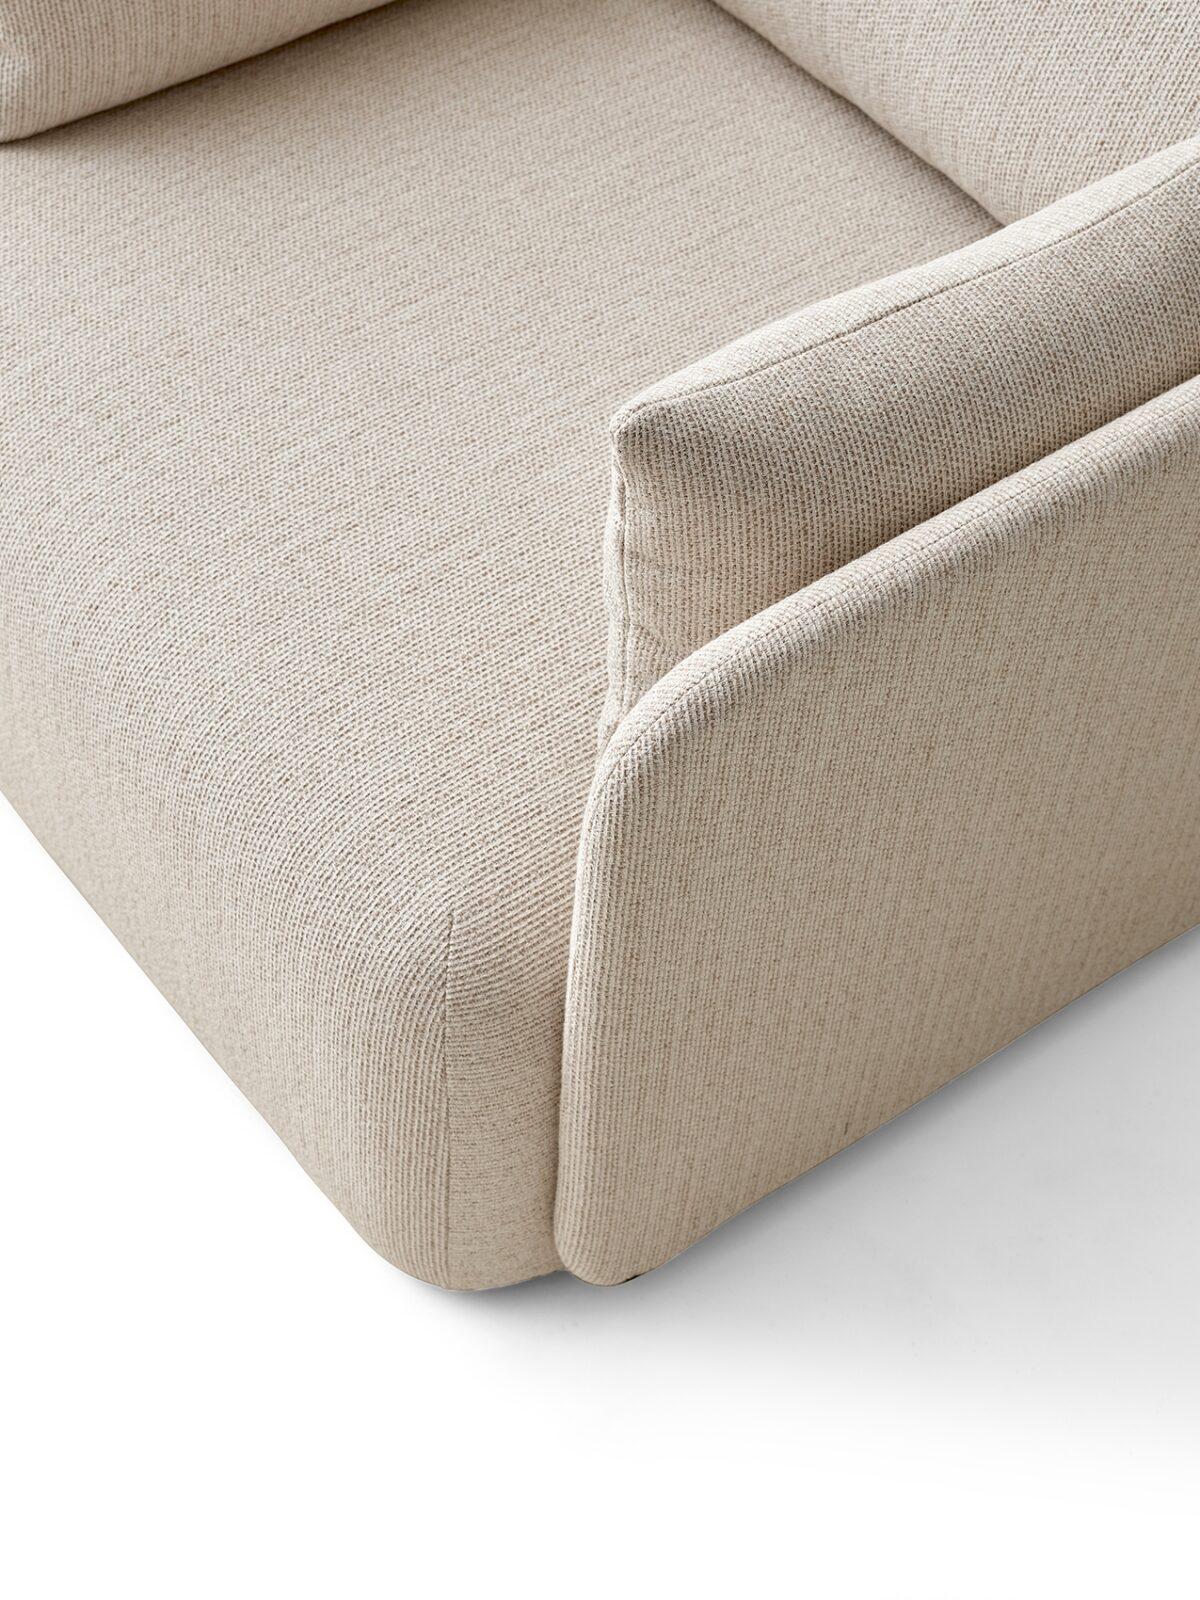 9849029 Offset Sofa 1 Seater Savannah 202 detail2019 06 25 13 54 30 200